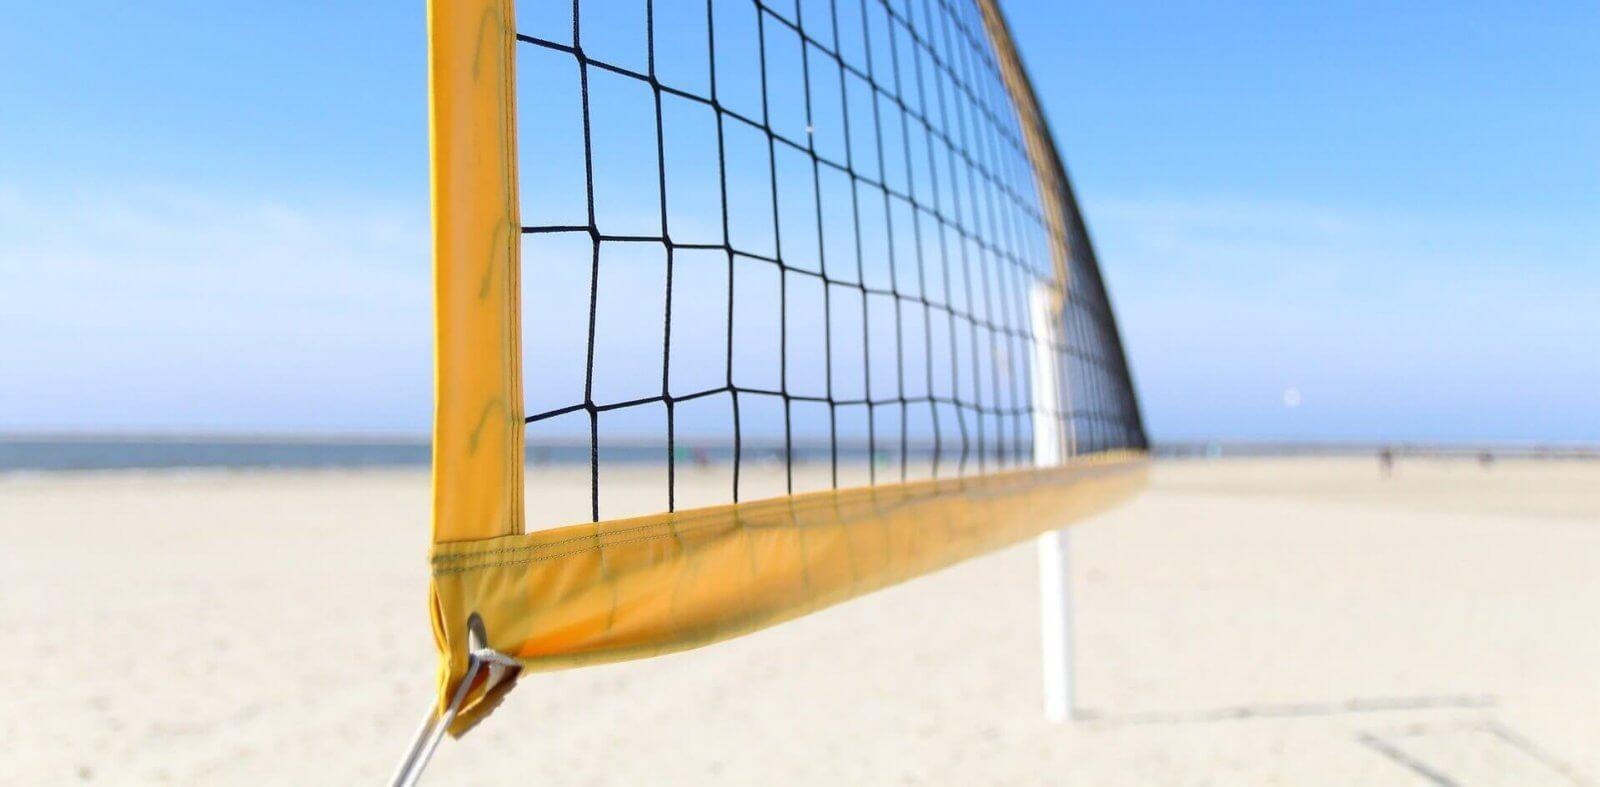 Beachvolleyball Netz